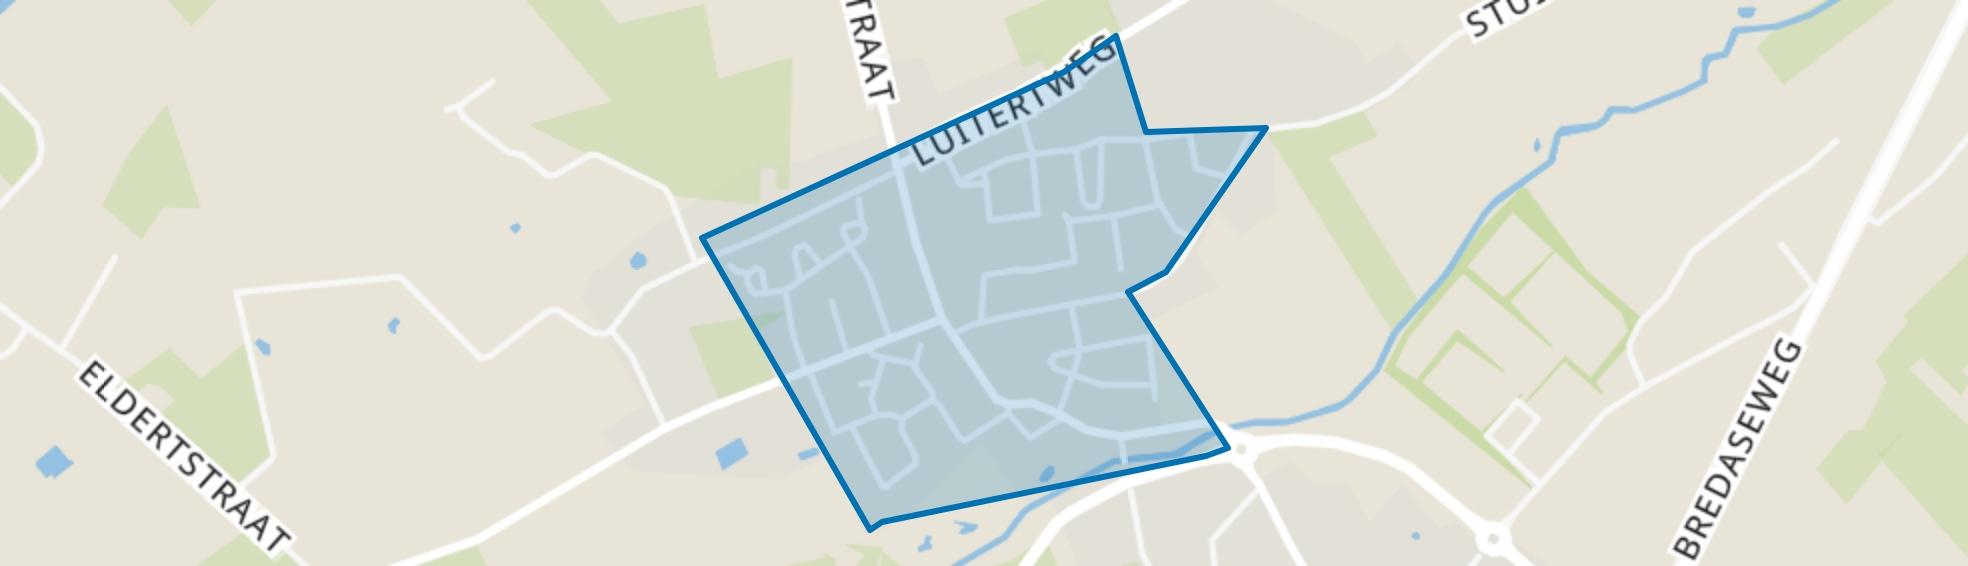 Klein-Zundert, Klein Zundert map